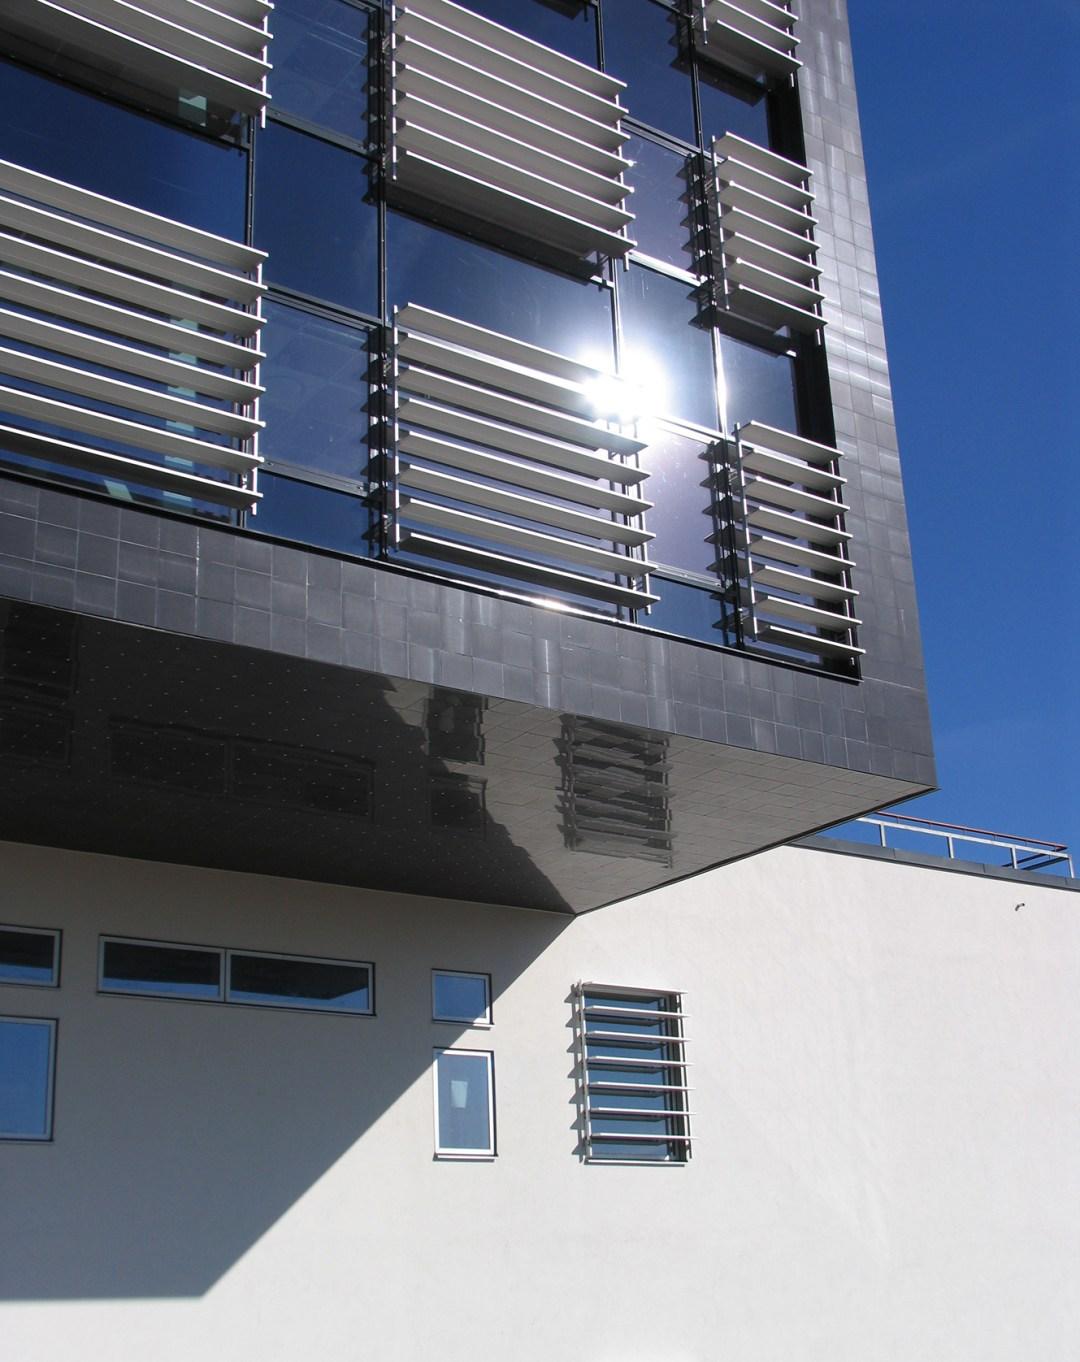 Nya Tingshuset i Helsingborg